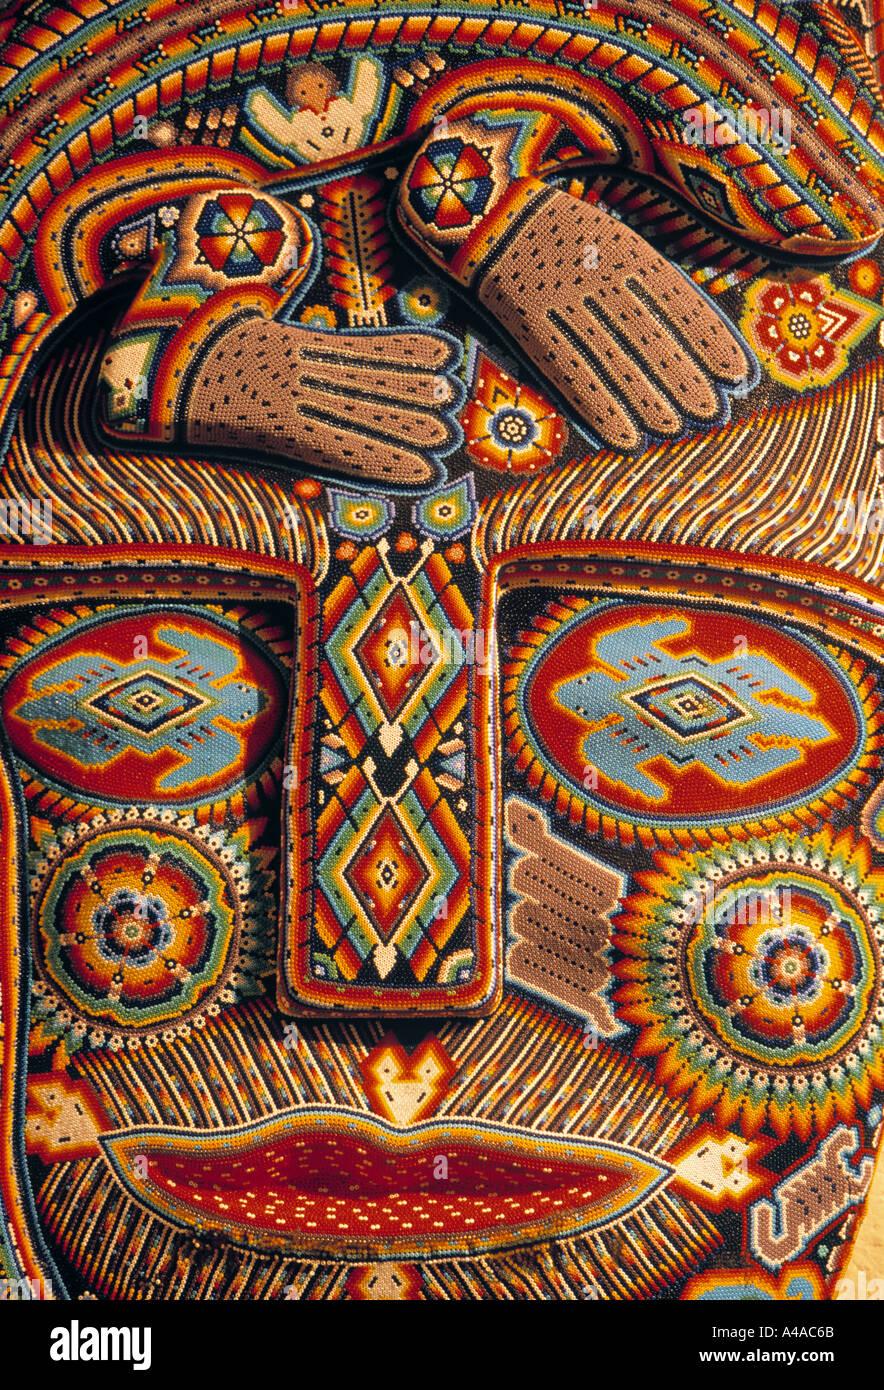 Beadwork, Cabo San Lucas, Baja California Sur, Mexico - Stock Image